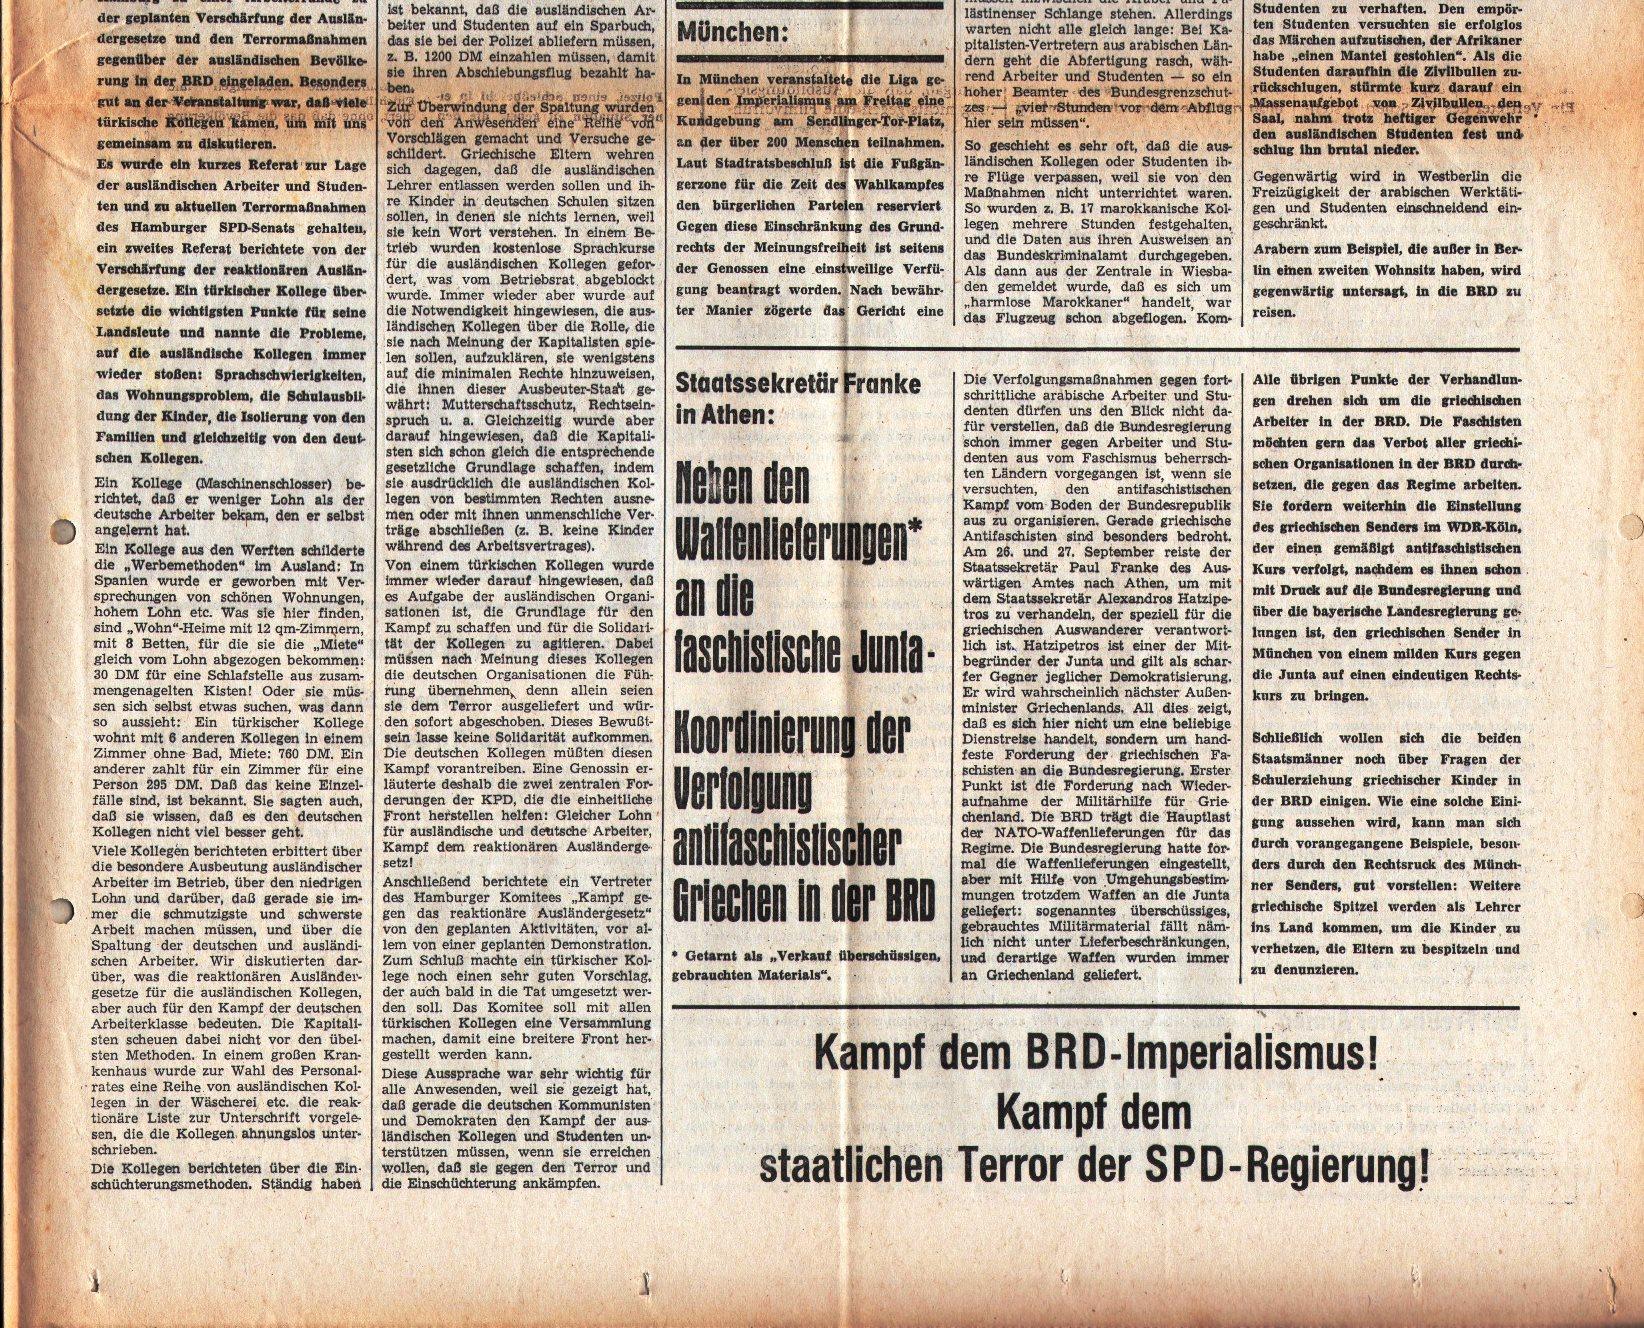 KPD_Rote_Fahne_1972_62_14